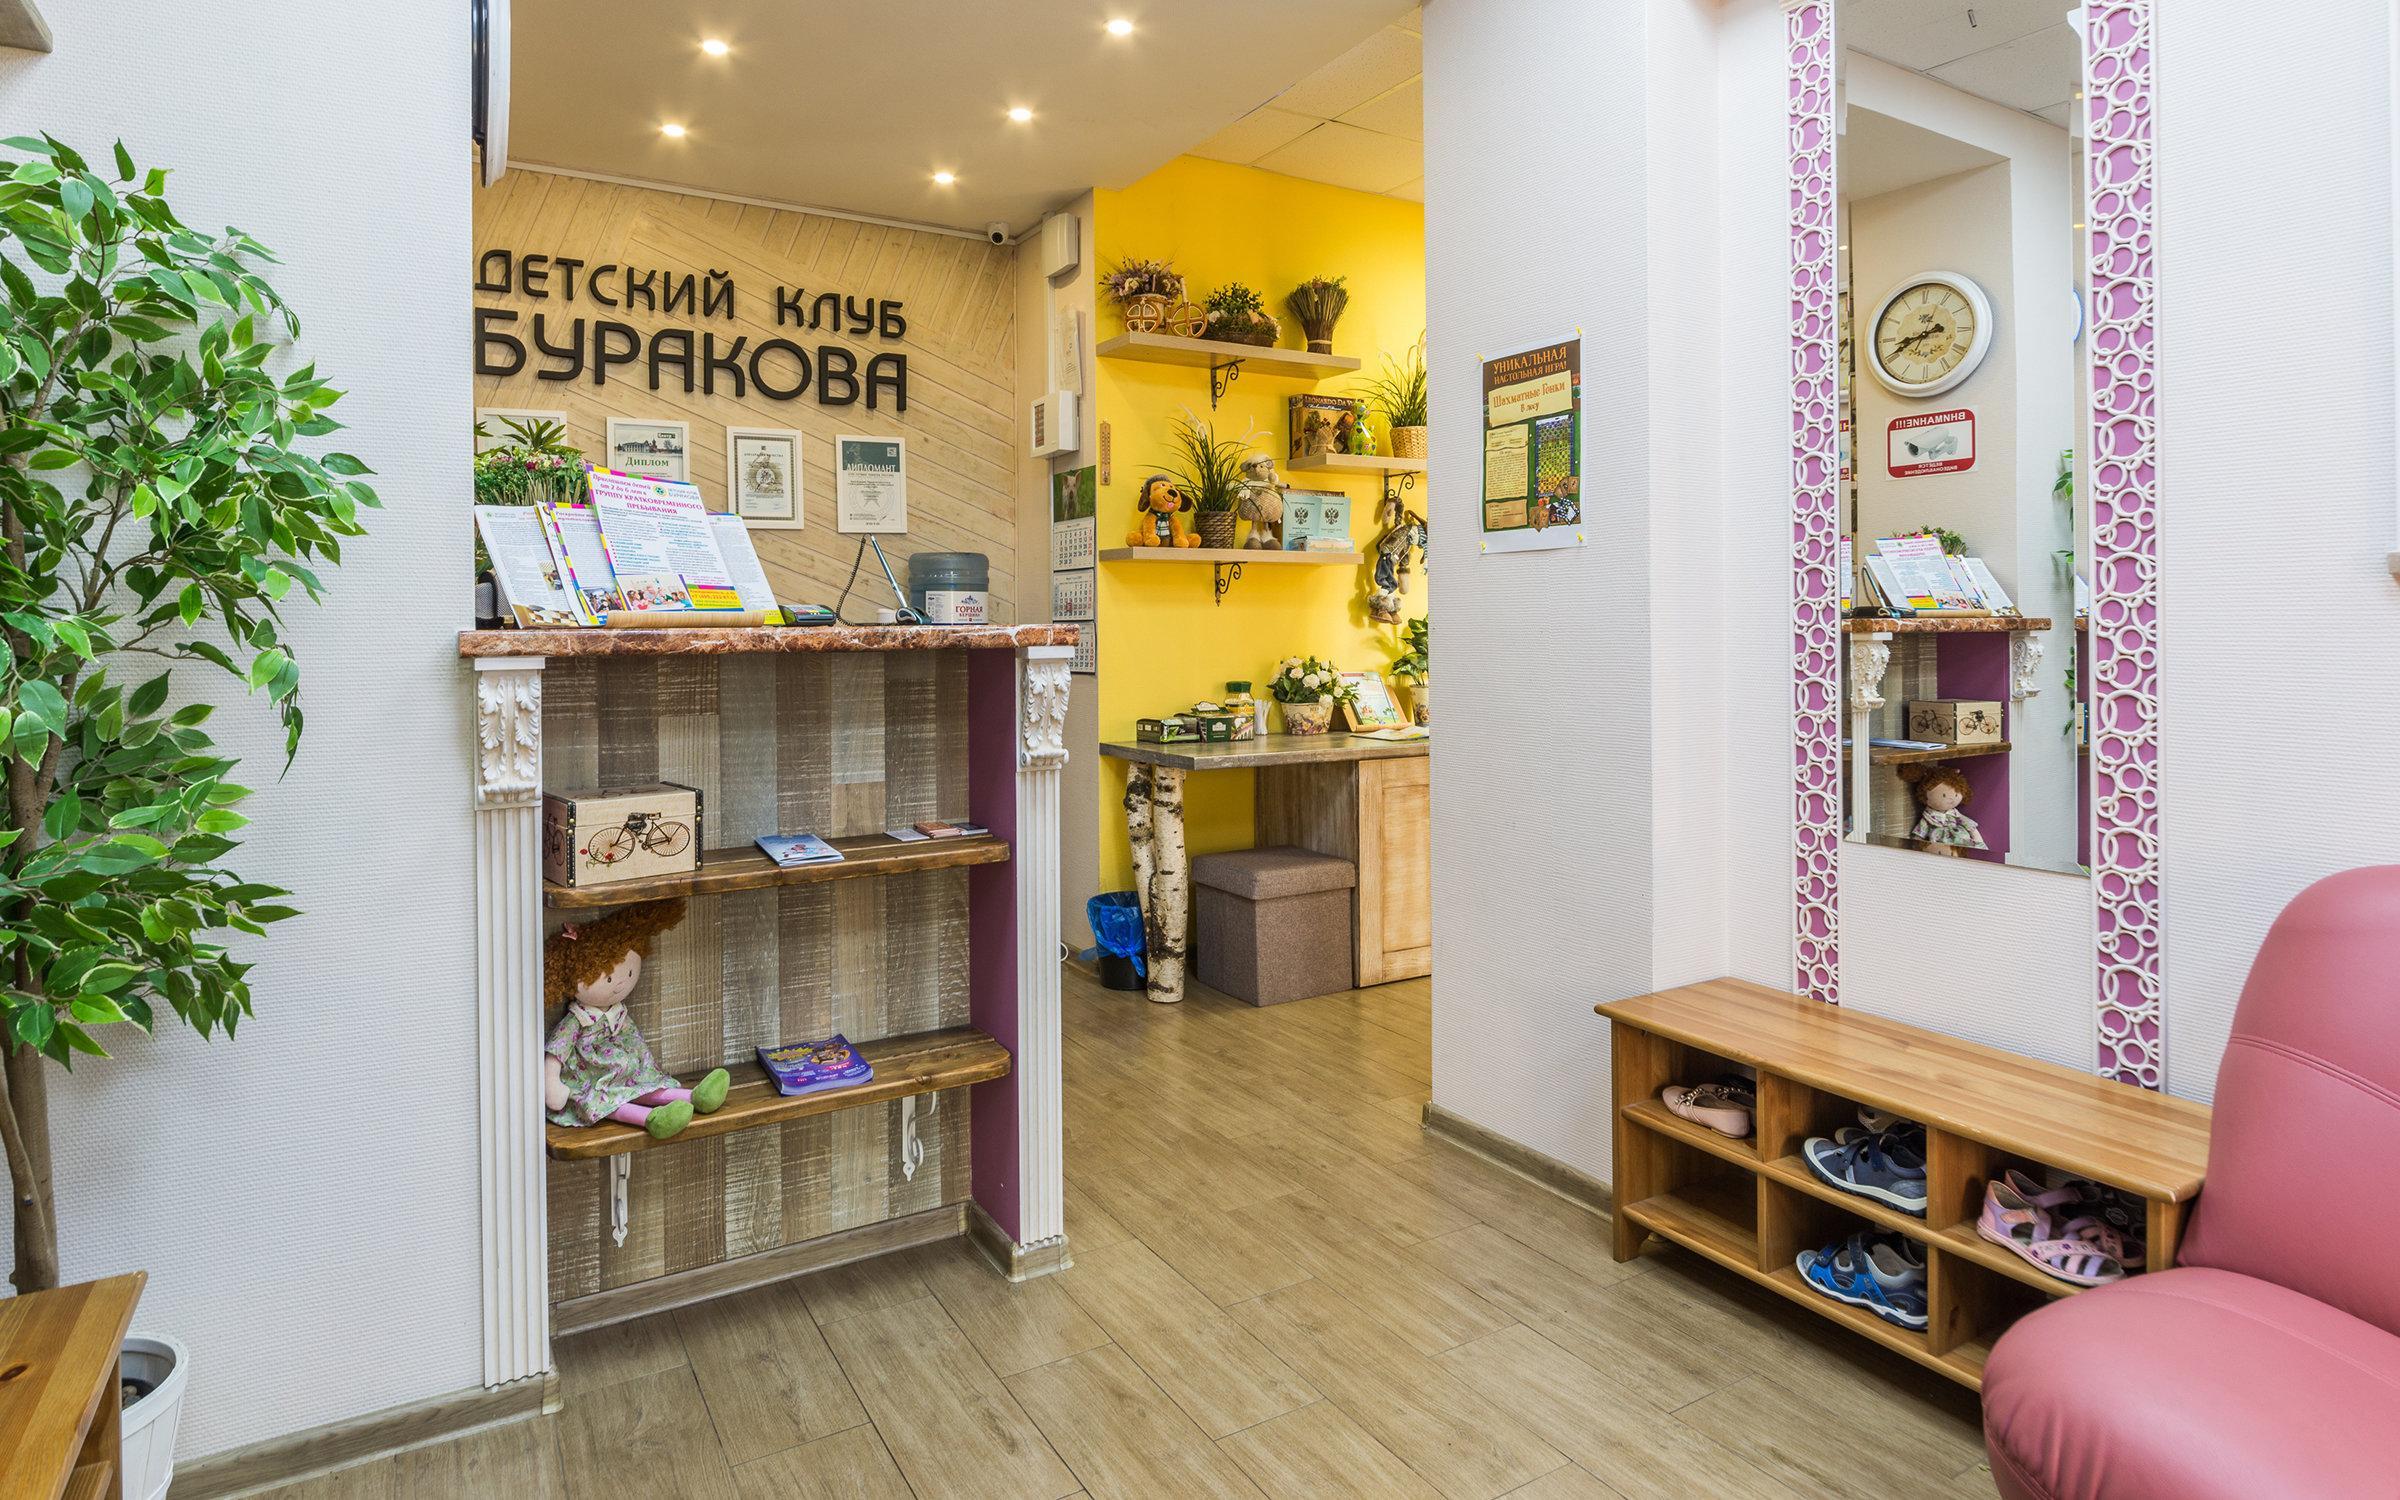 фотография Детского клуба Буракова в Химках